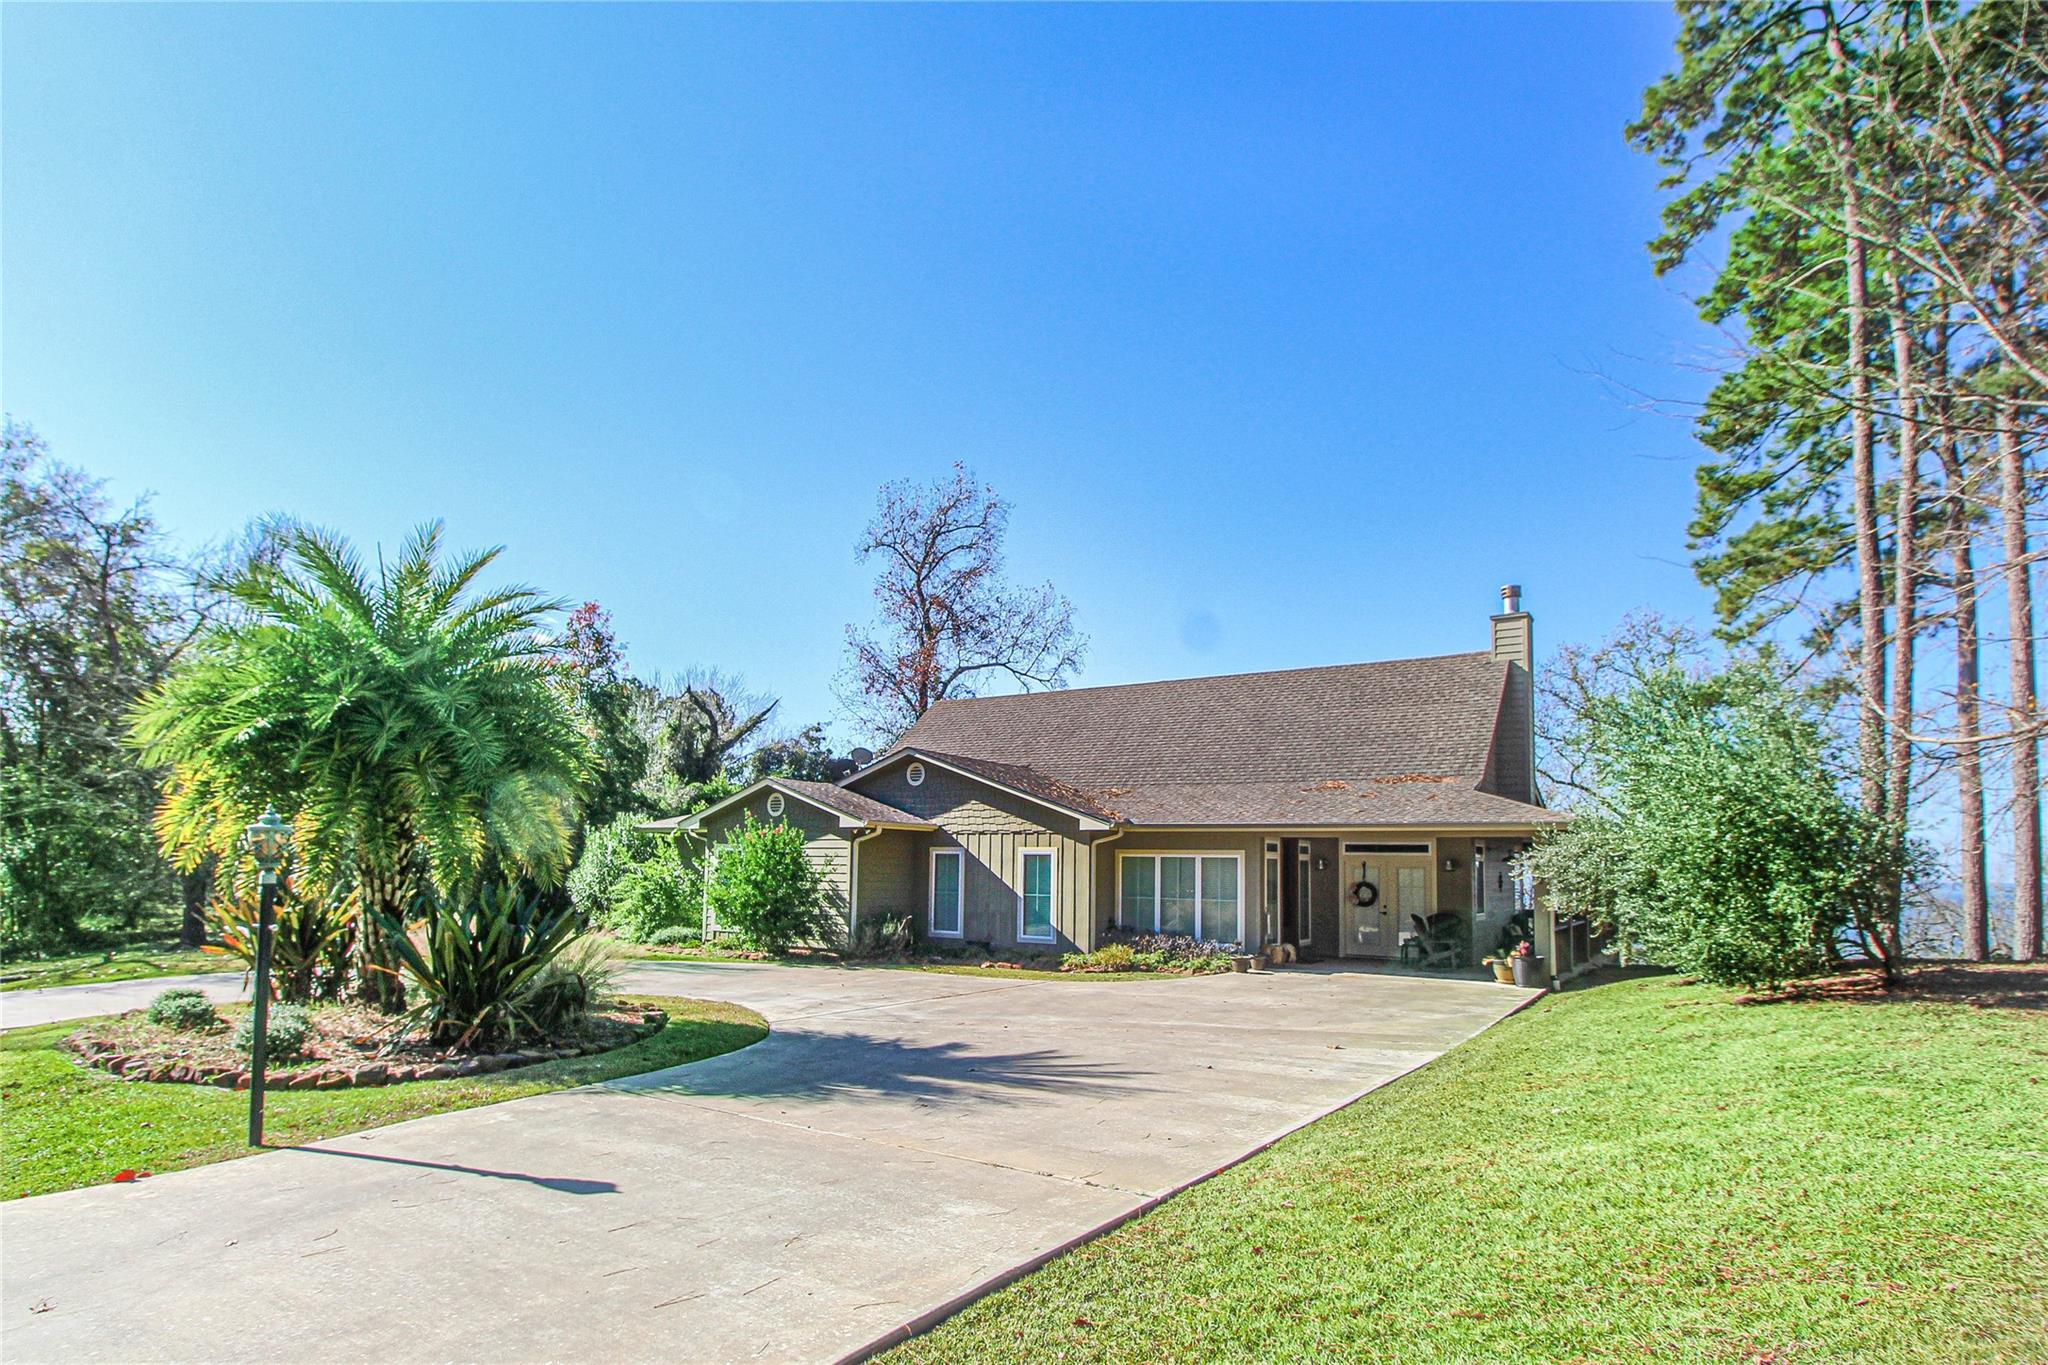 292 Linda Chain Property Photo 1